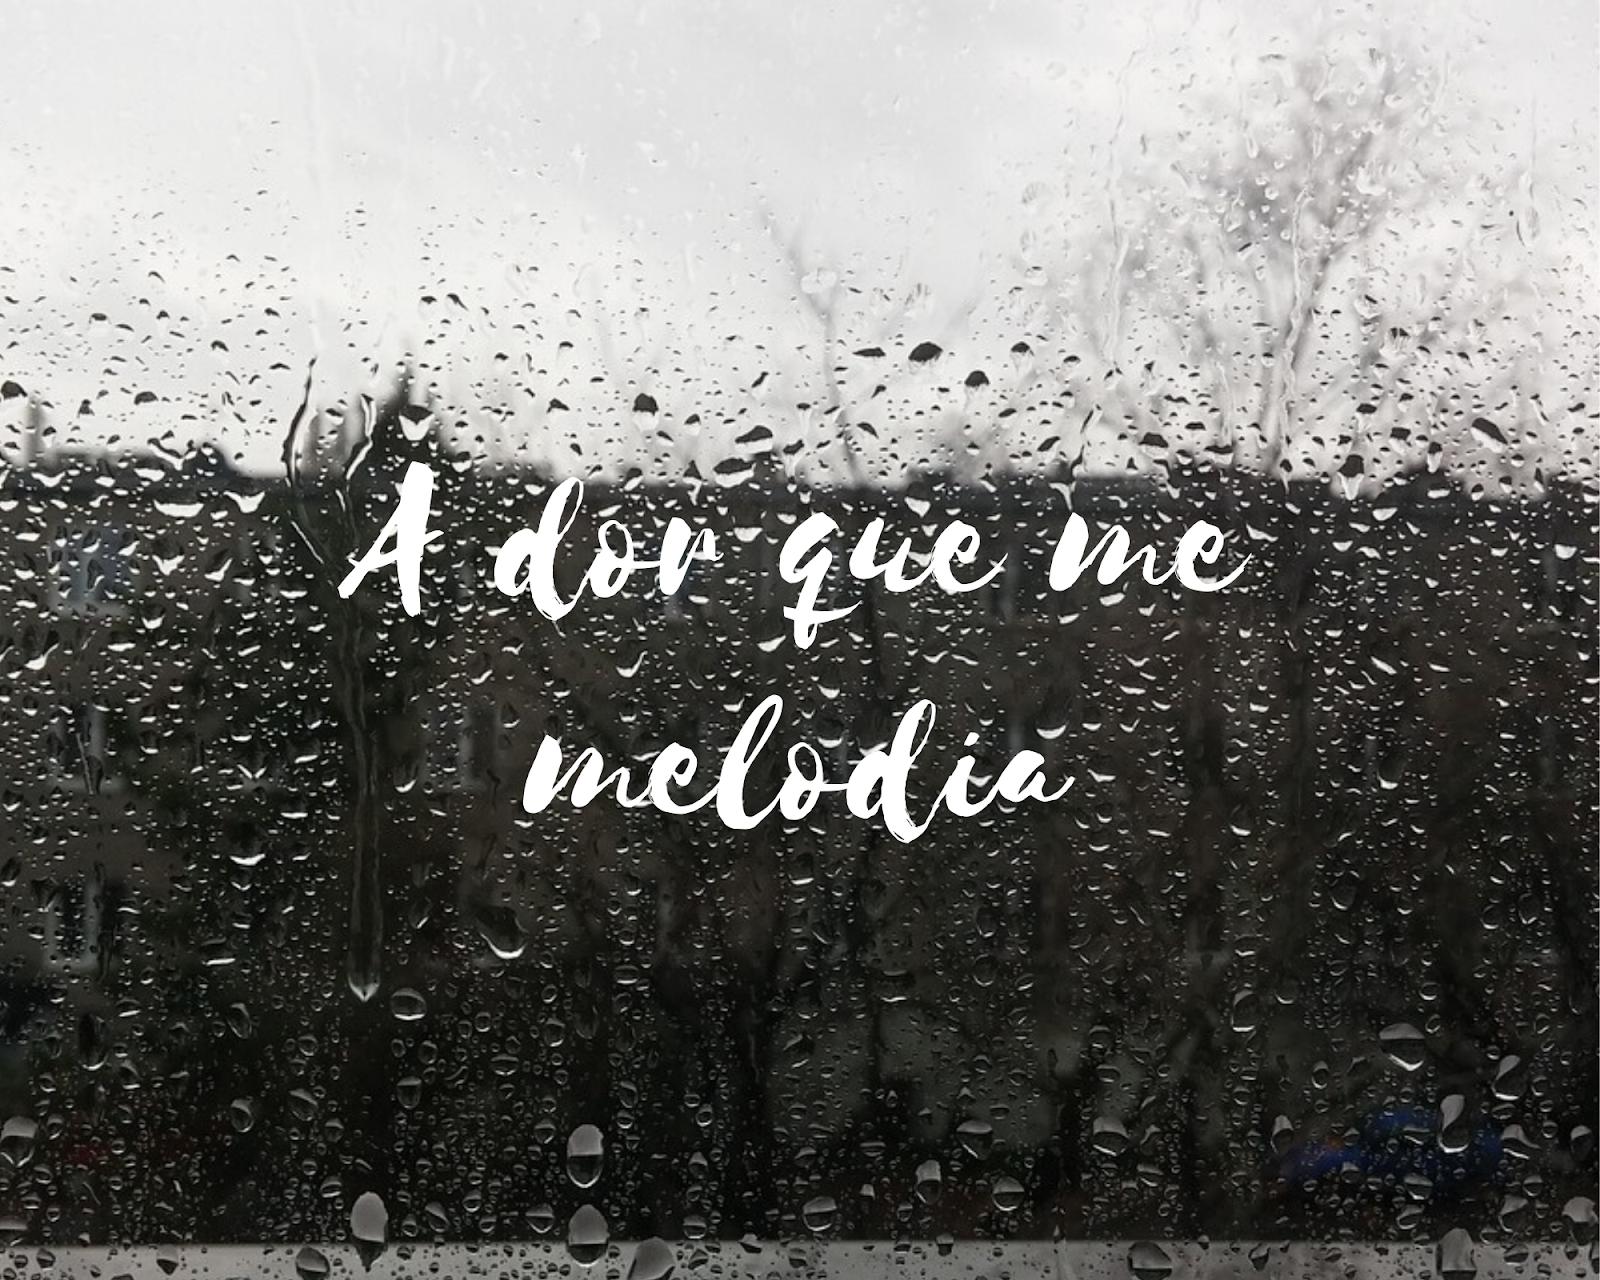 Poema A dor que me melodia